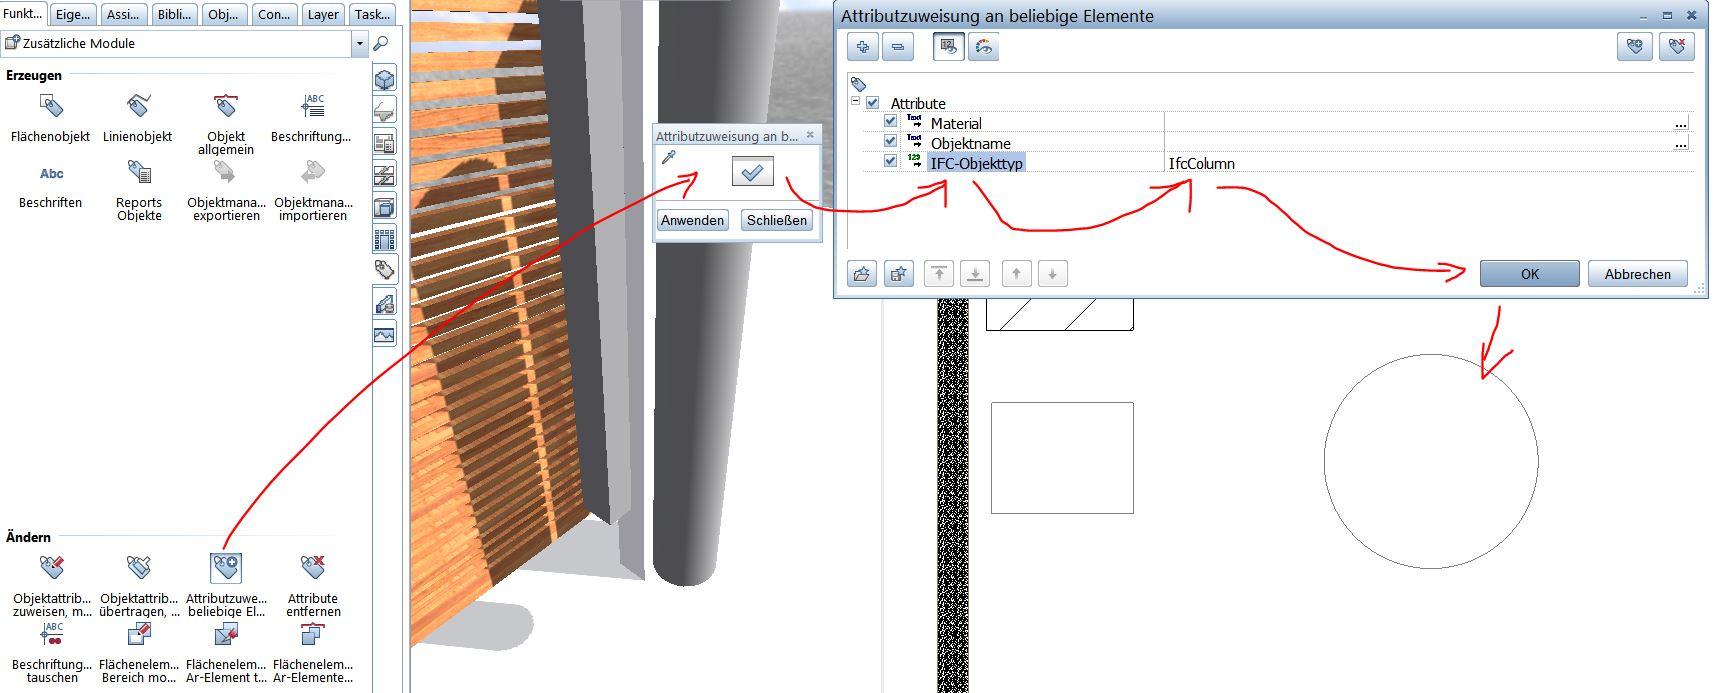 IFC Objekttyp Quader Column Attributzuweisung